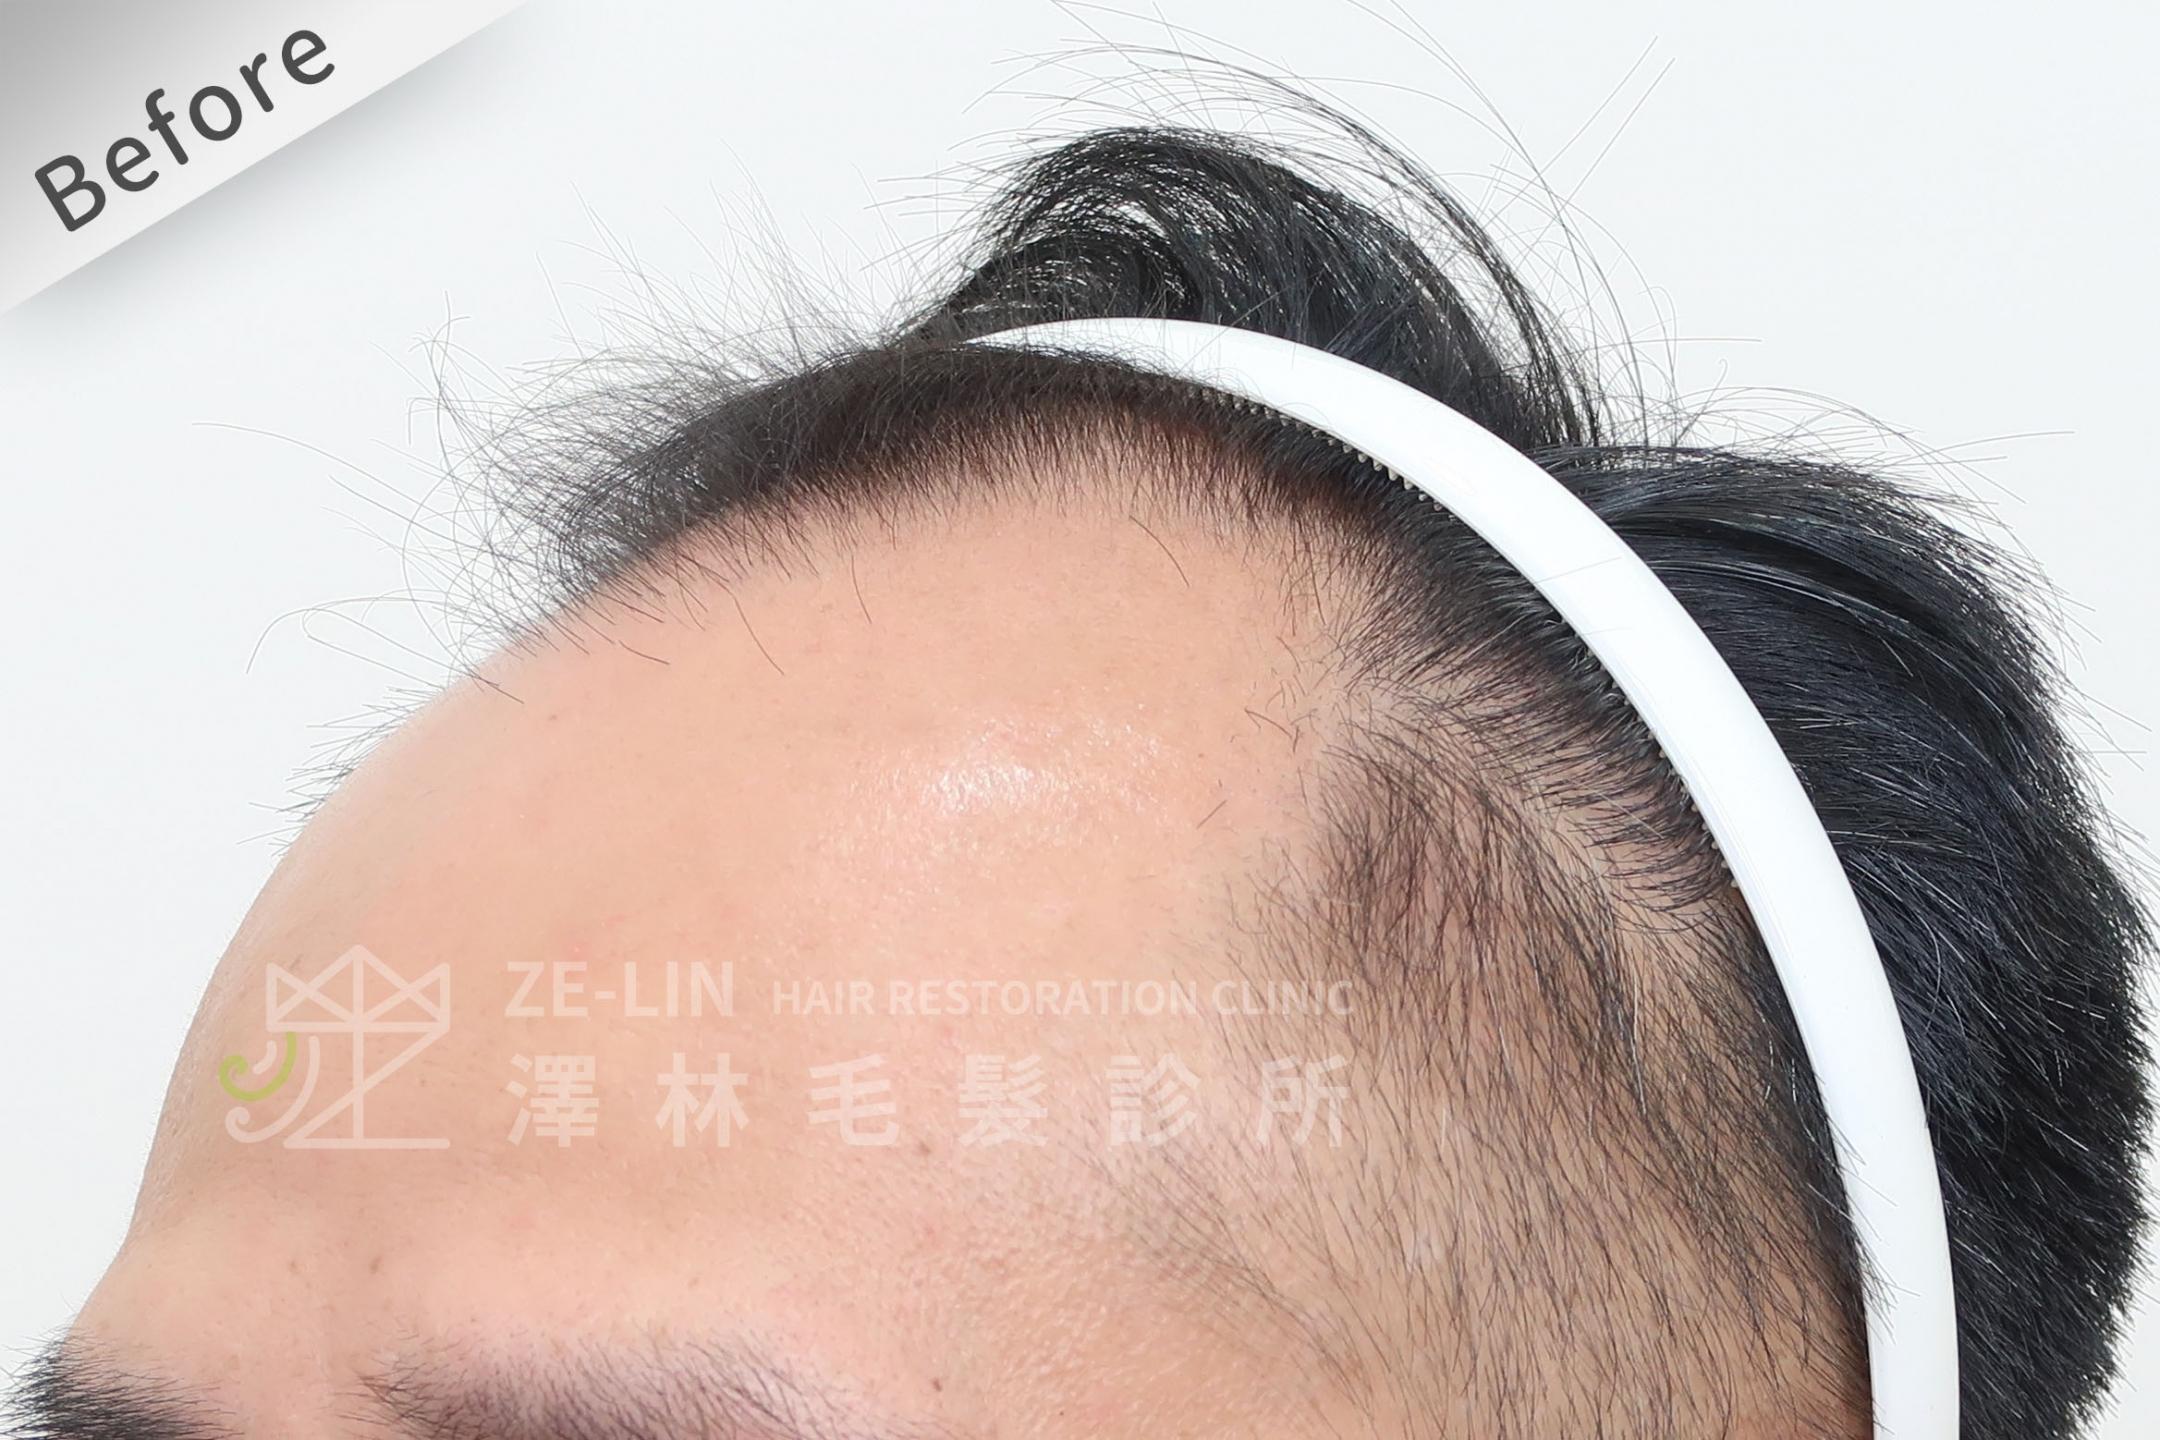 M型禿植髮心得案例分享術前6-3